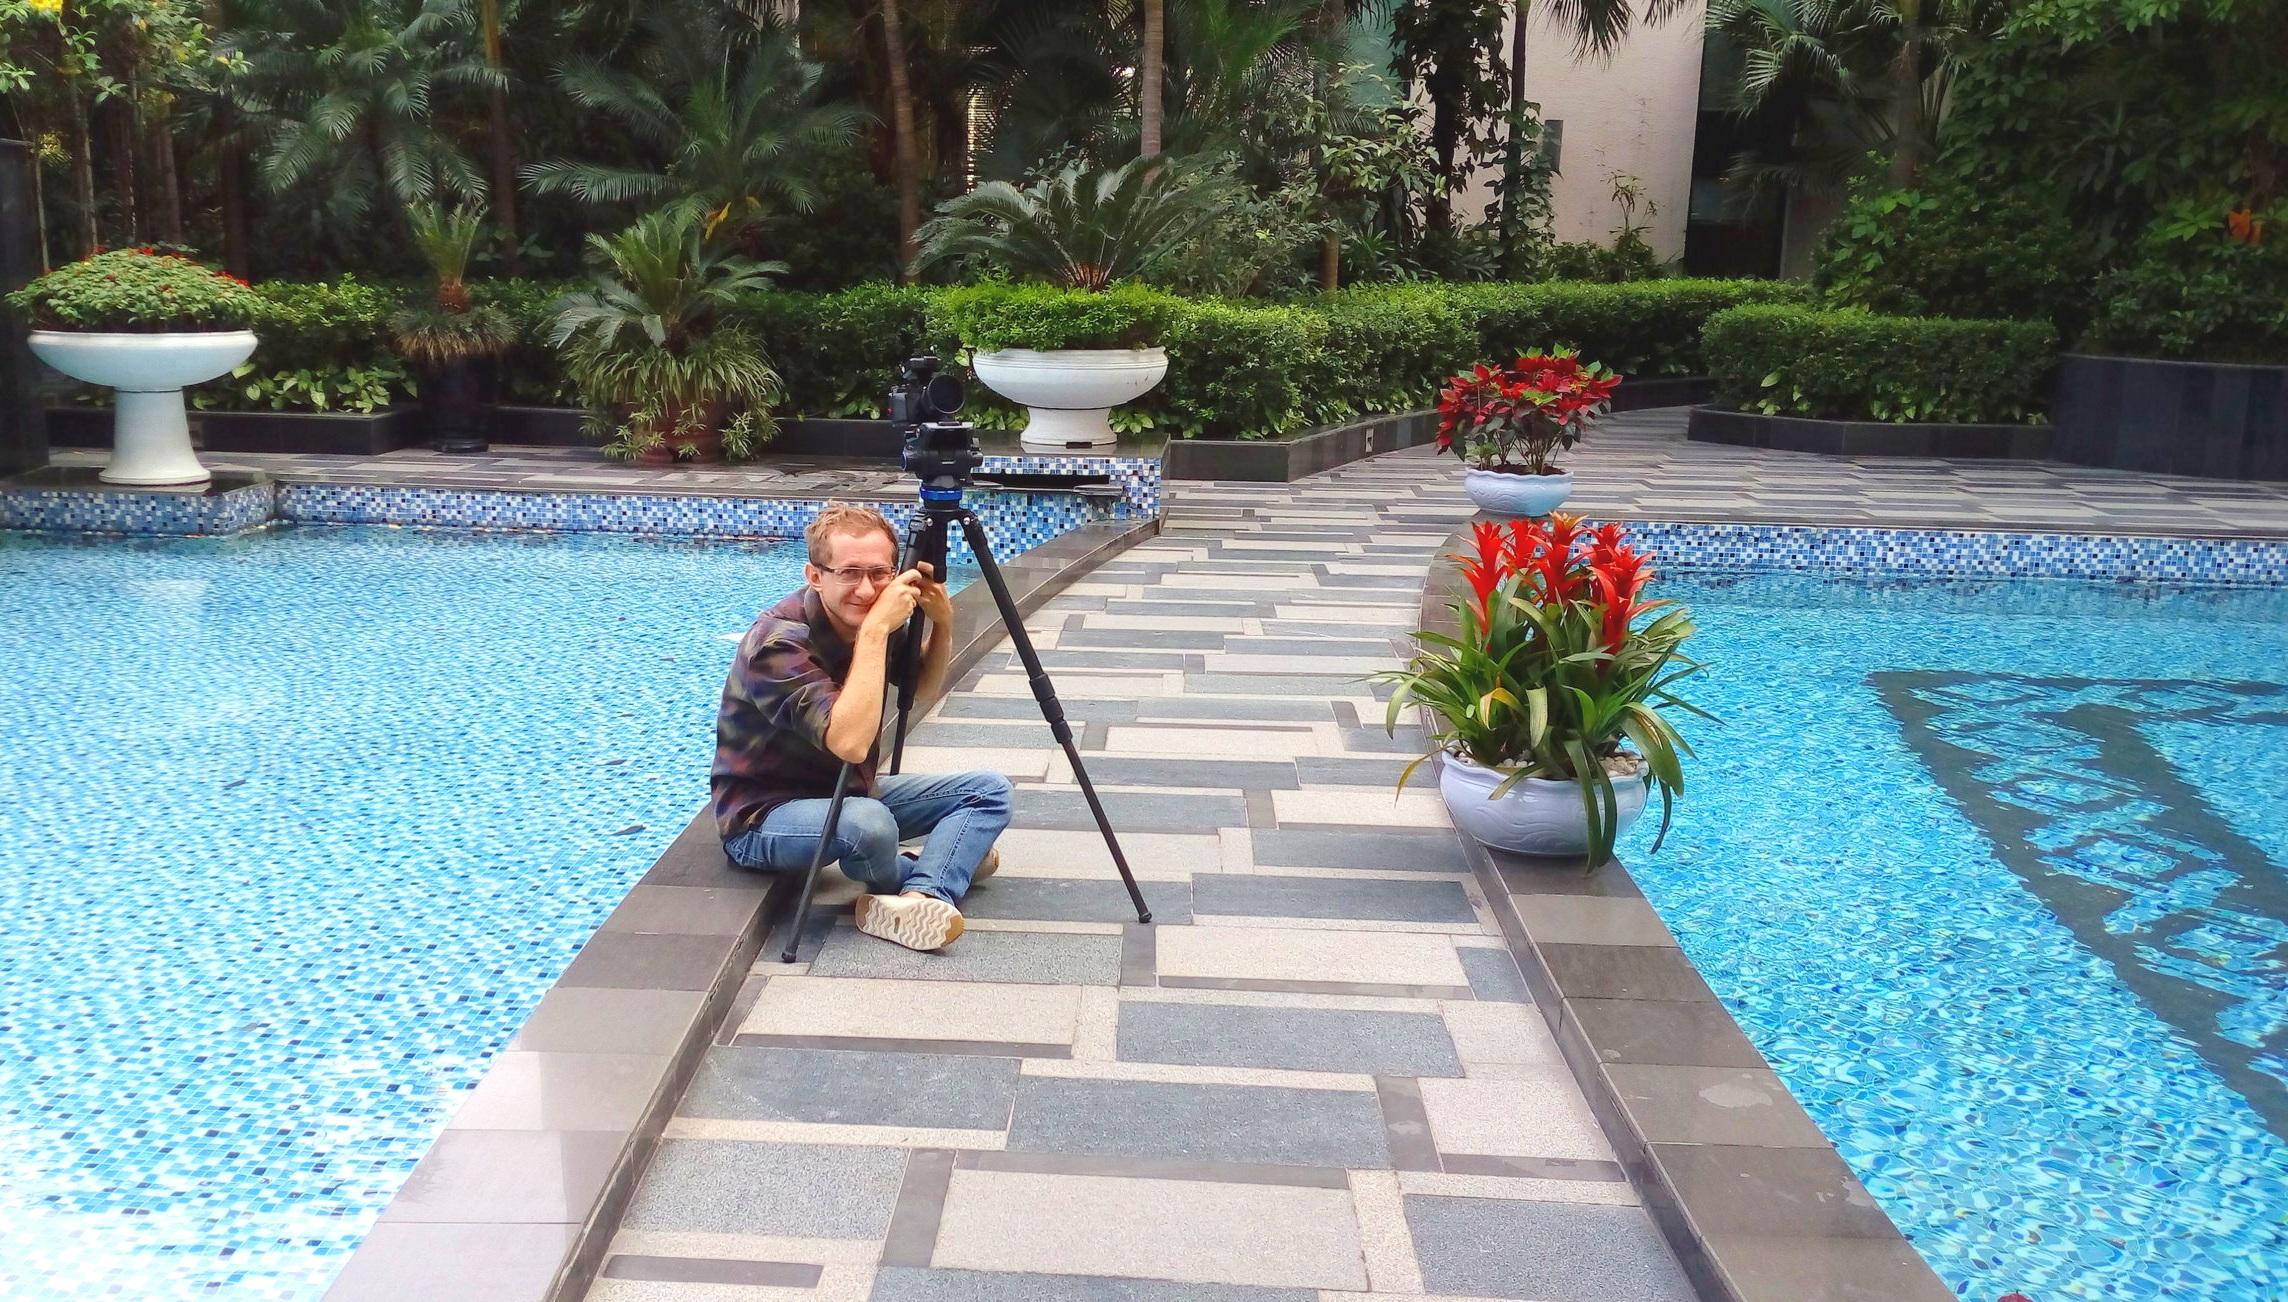 Artem Ensuring Best Light for the Shot